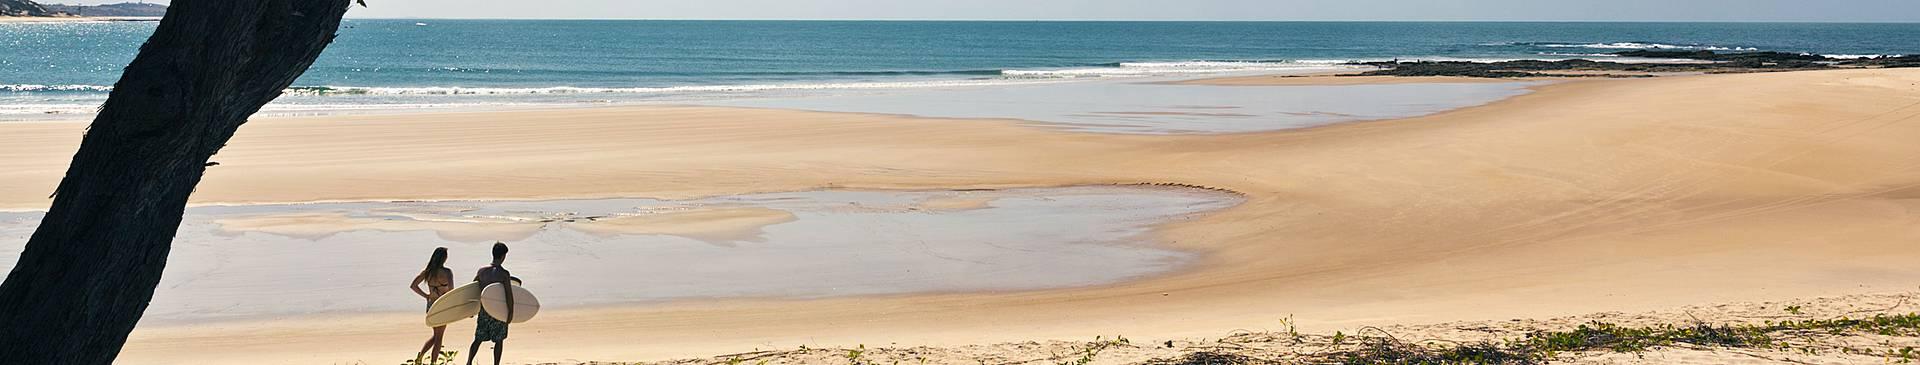 Voyage de noces au Mozambique